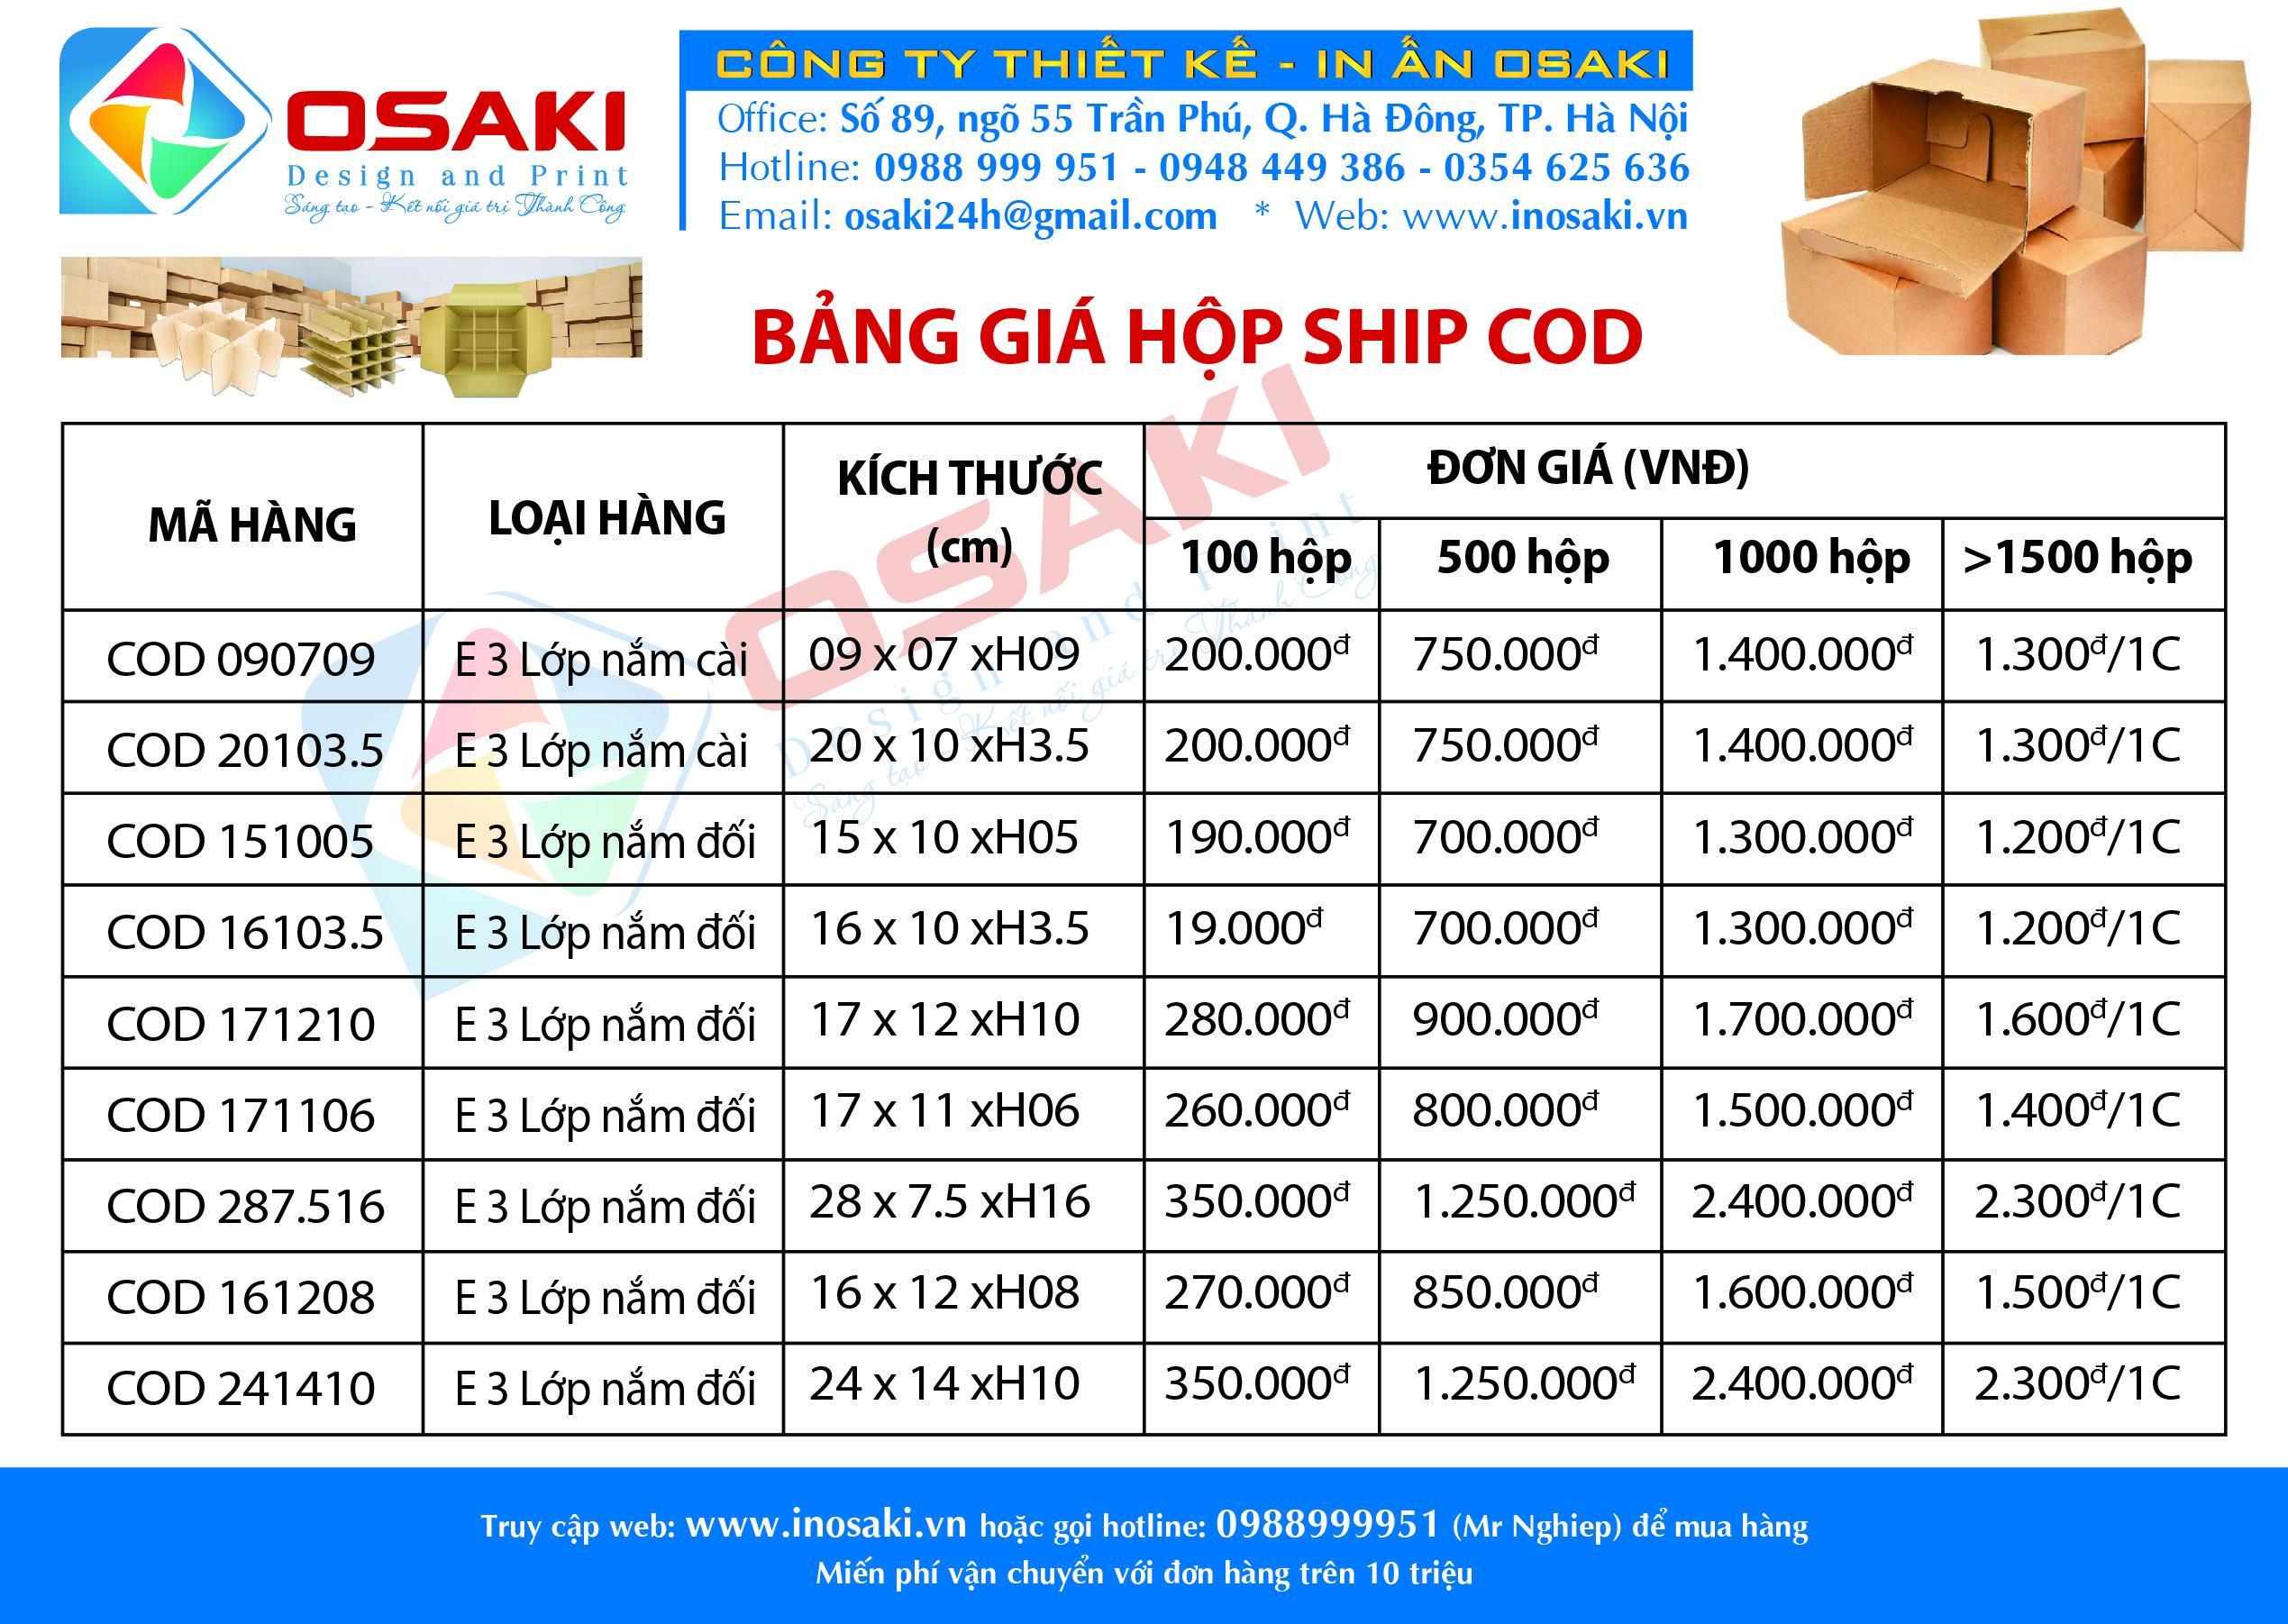 Báo Giá Hộp Ship Cod Carton Gửi Hàng Giá Rẻ Tại Hà Nội